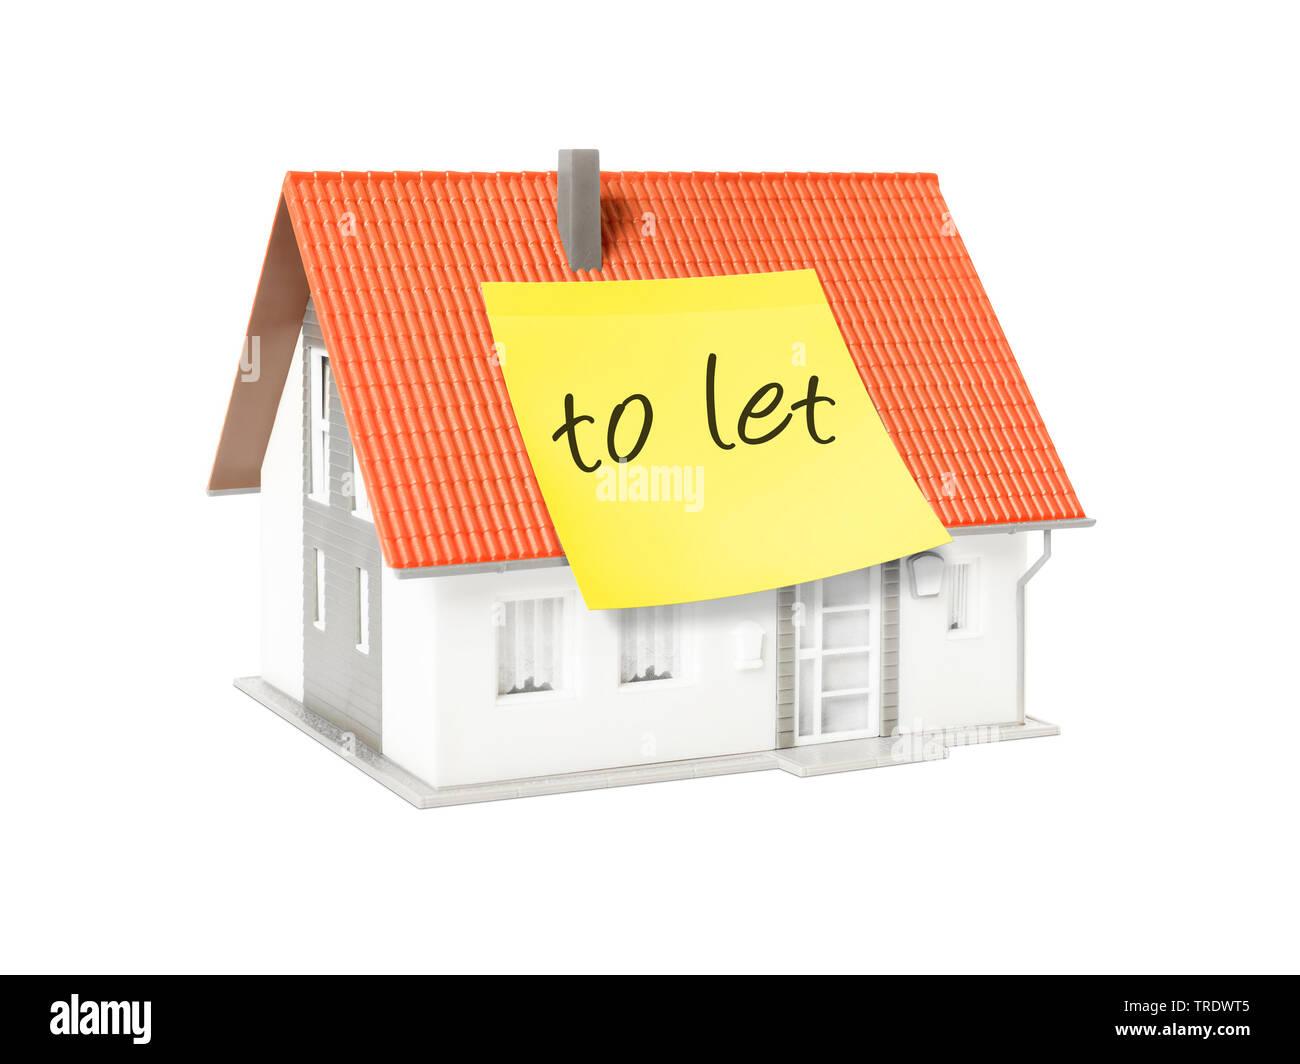 3D-Computergrafik, Alleinstehendes Einfamilienhaus mit gelbem Klebezettel mit der Aufschrift TO LET (zu vermieten) | 3D computer graphic, freestanding - Stock Image